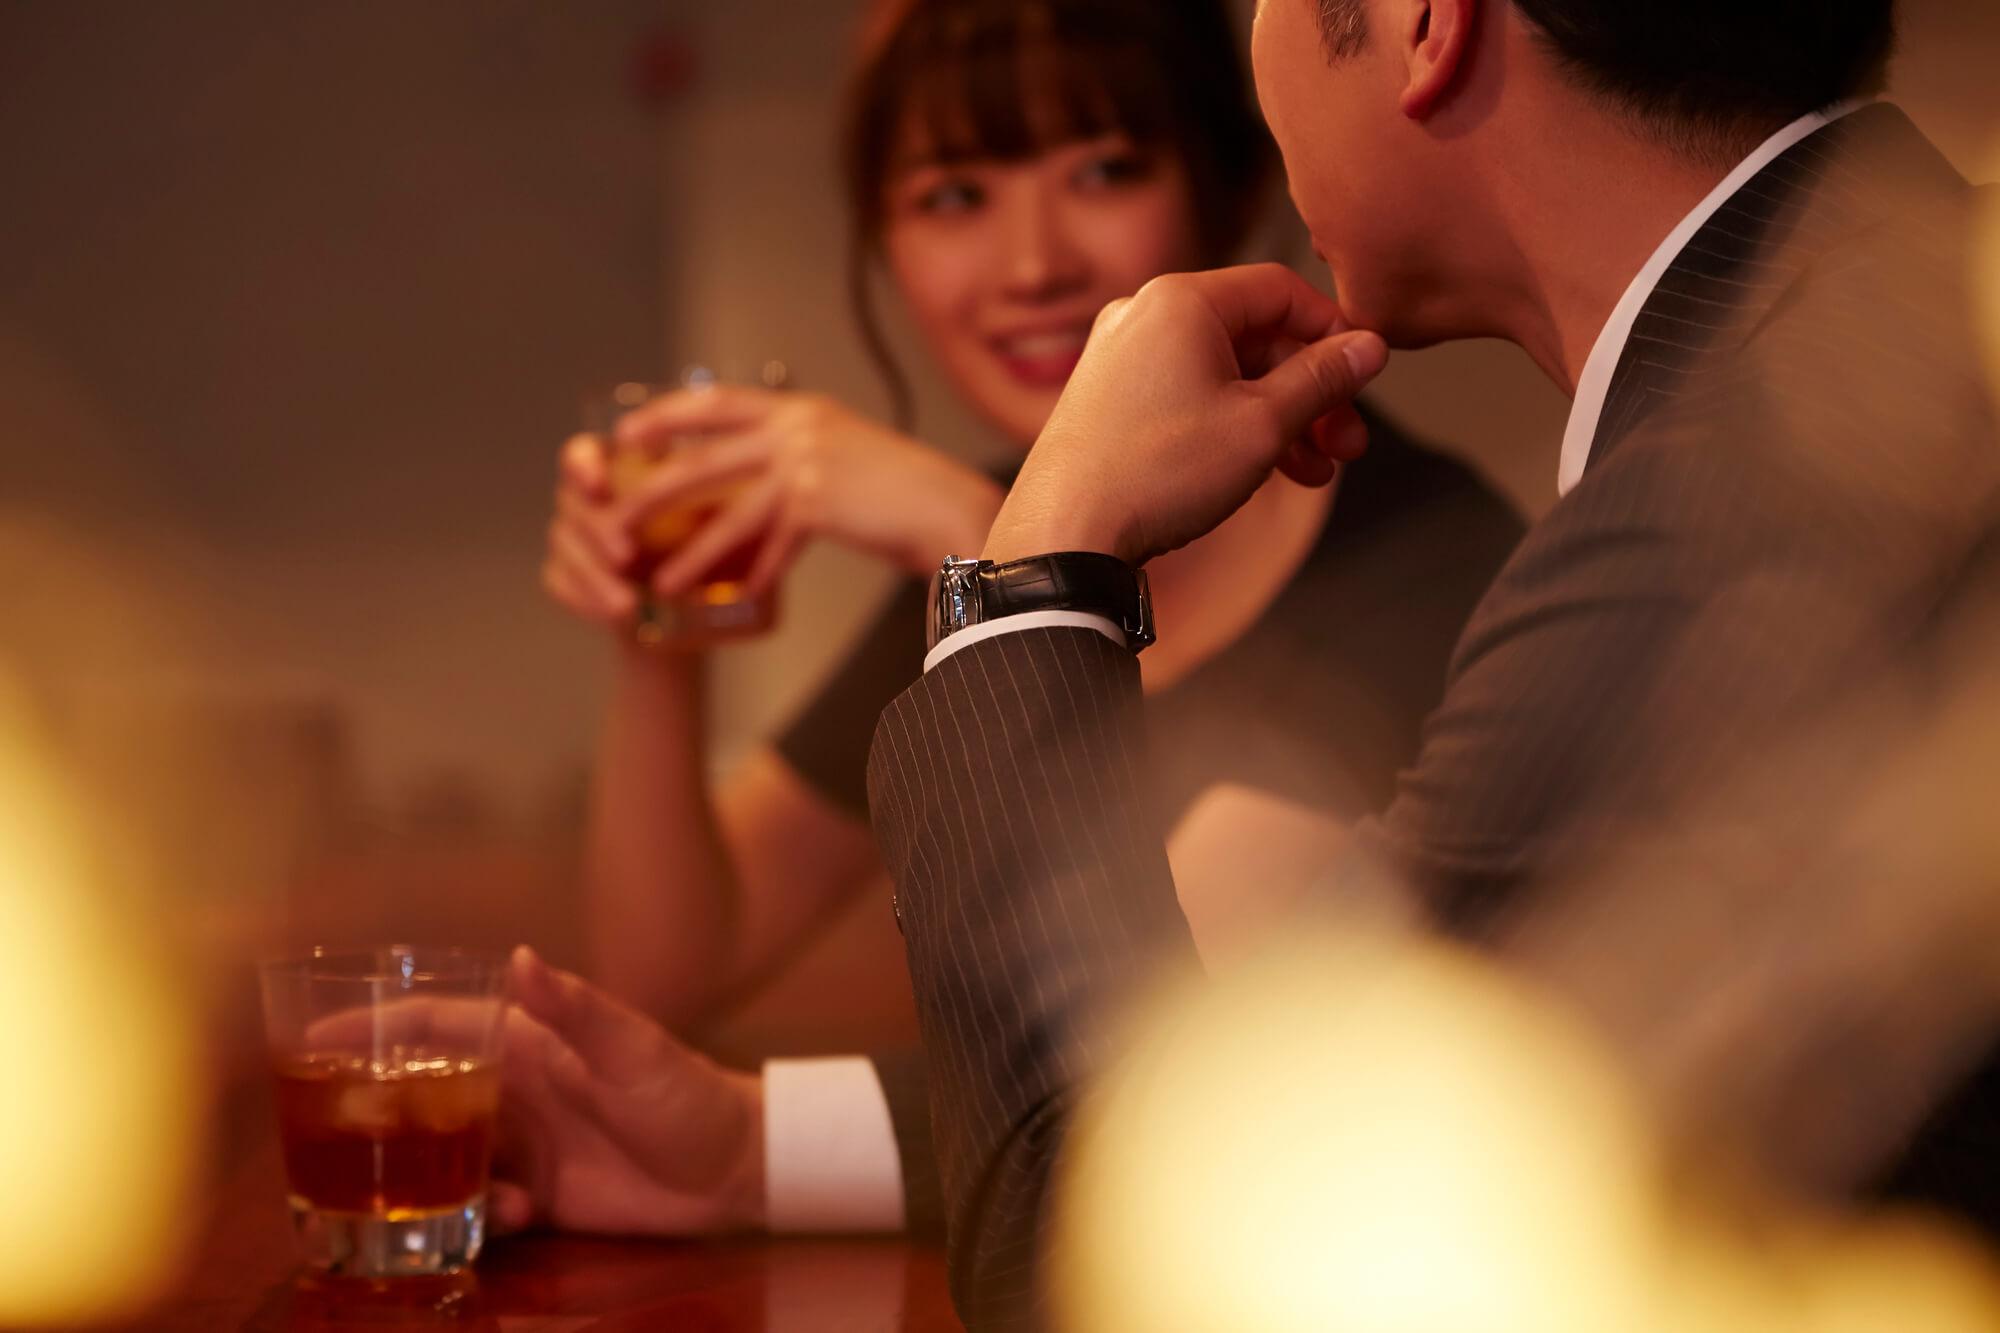 久しぶりの再会で既婚者同士の恋愛がスタート